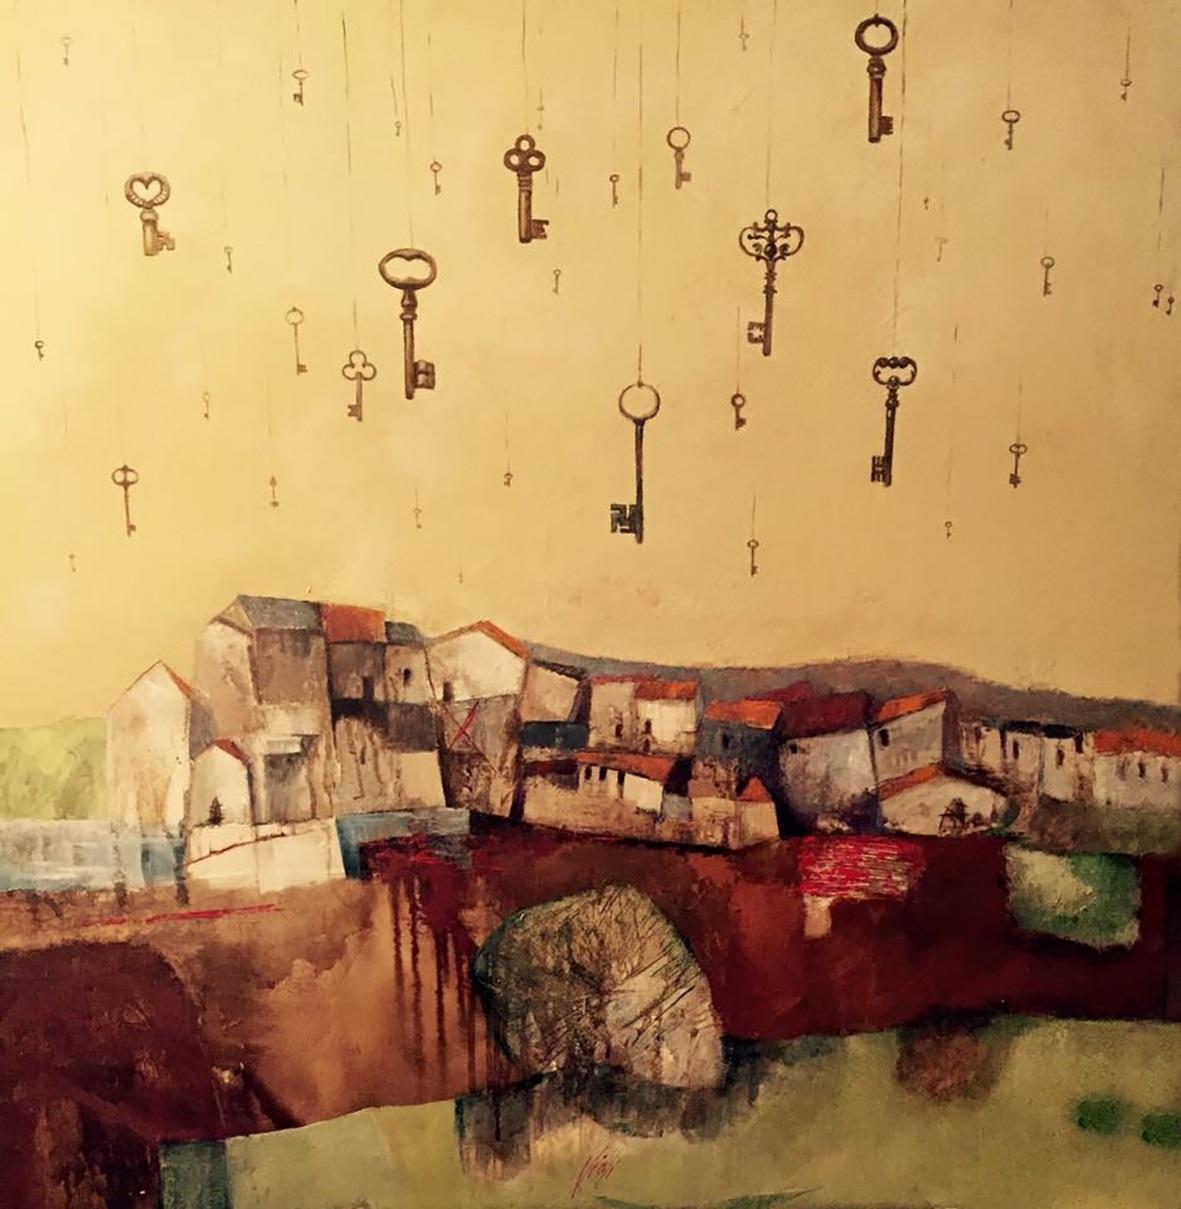 Permettetemi di volare, la mostra personale di Donatella Violi a cura di Luigi Borettini alla Cantina Albinea Canali di Reggio Emilia